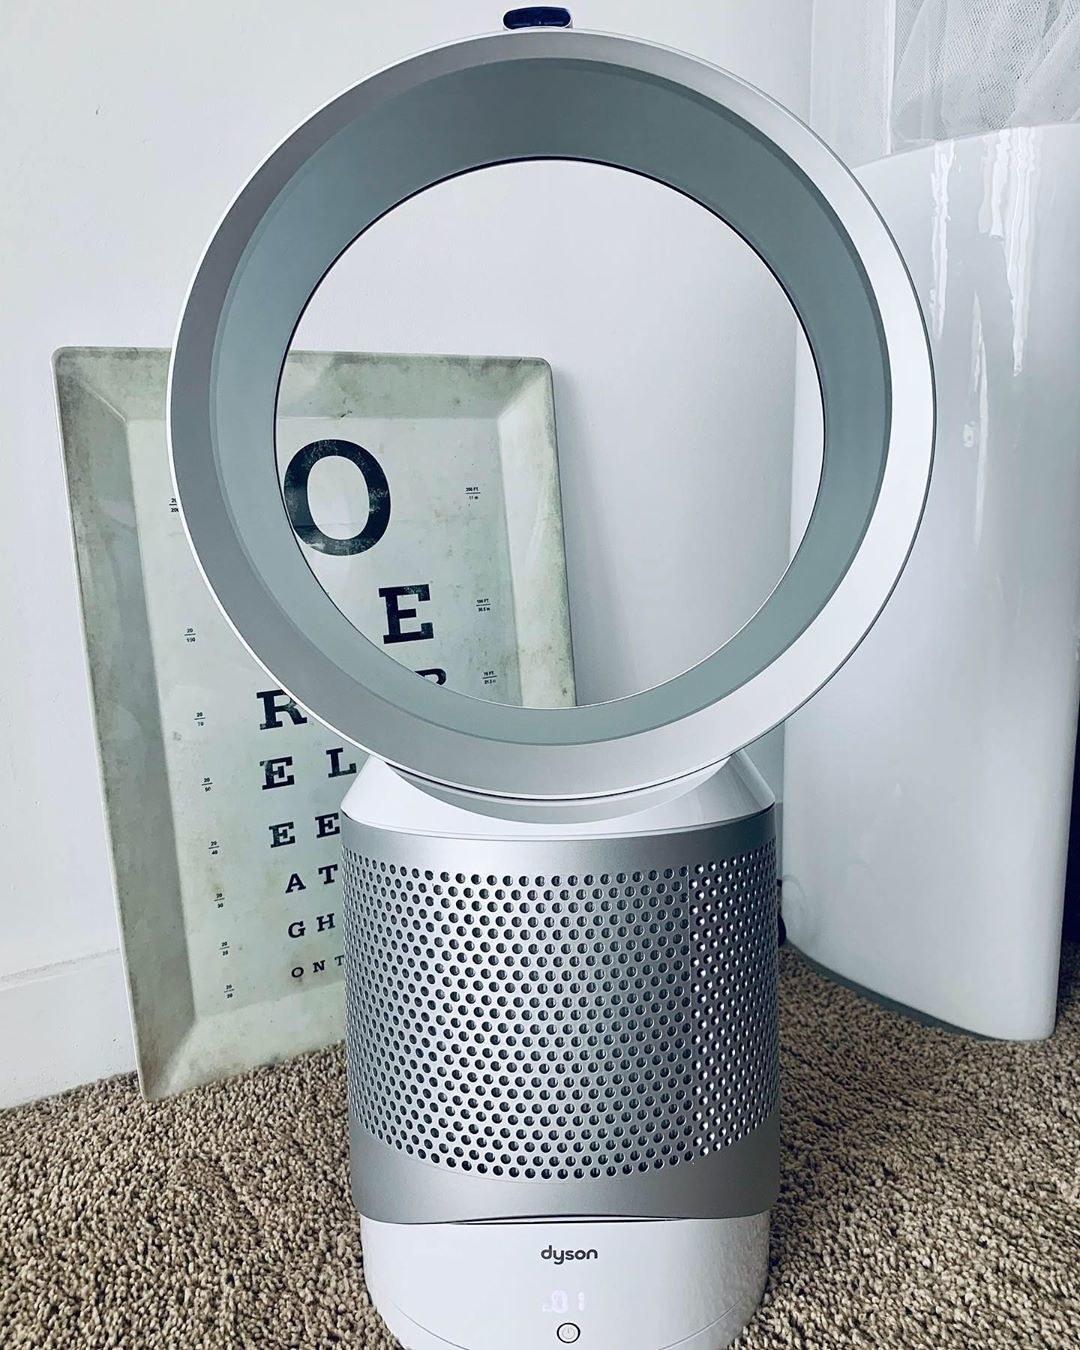 the fan-less circular dyson fan